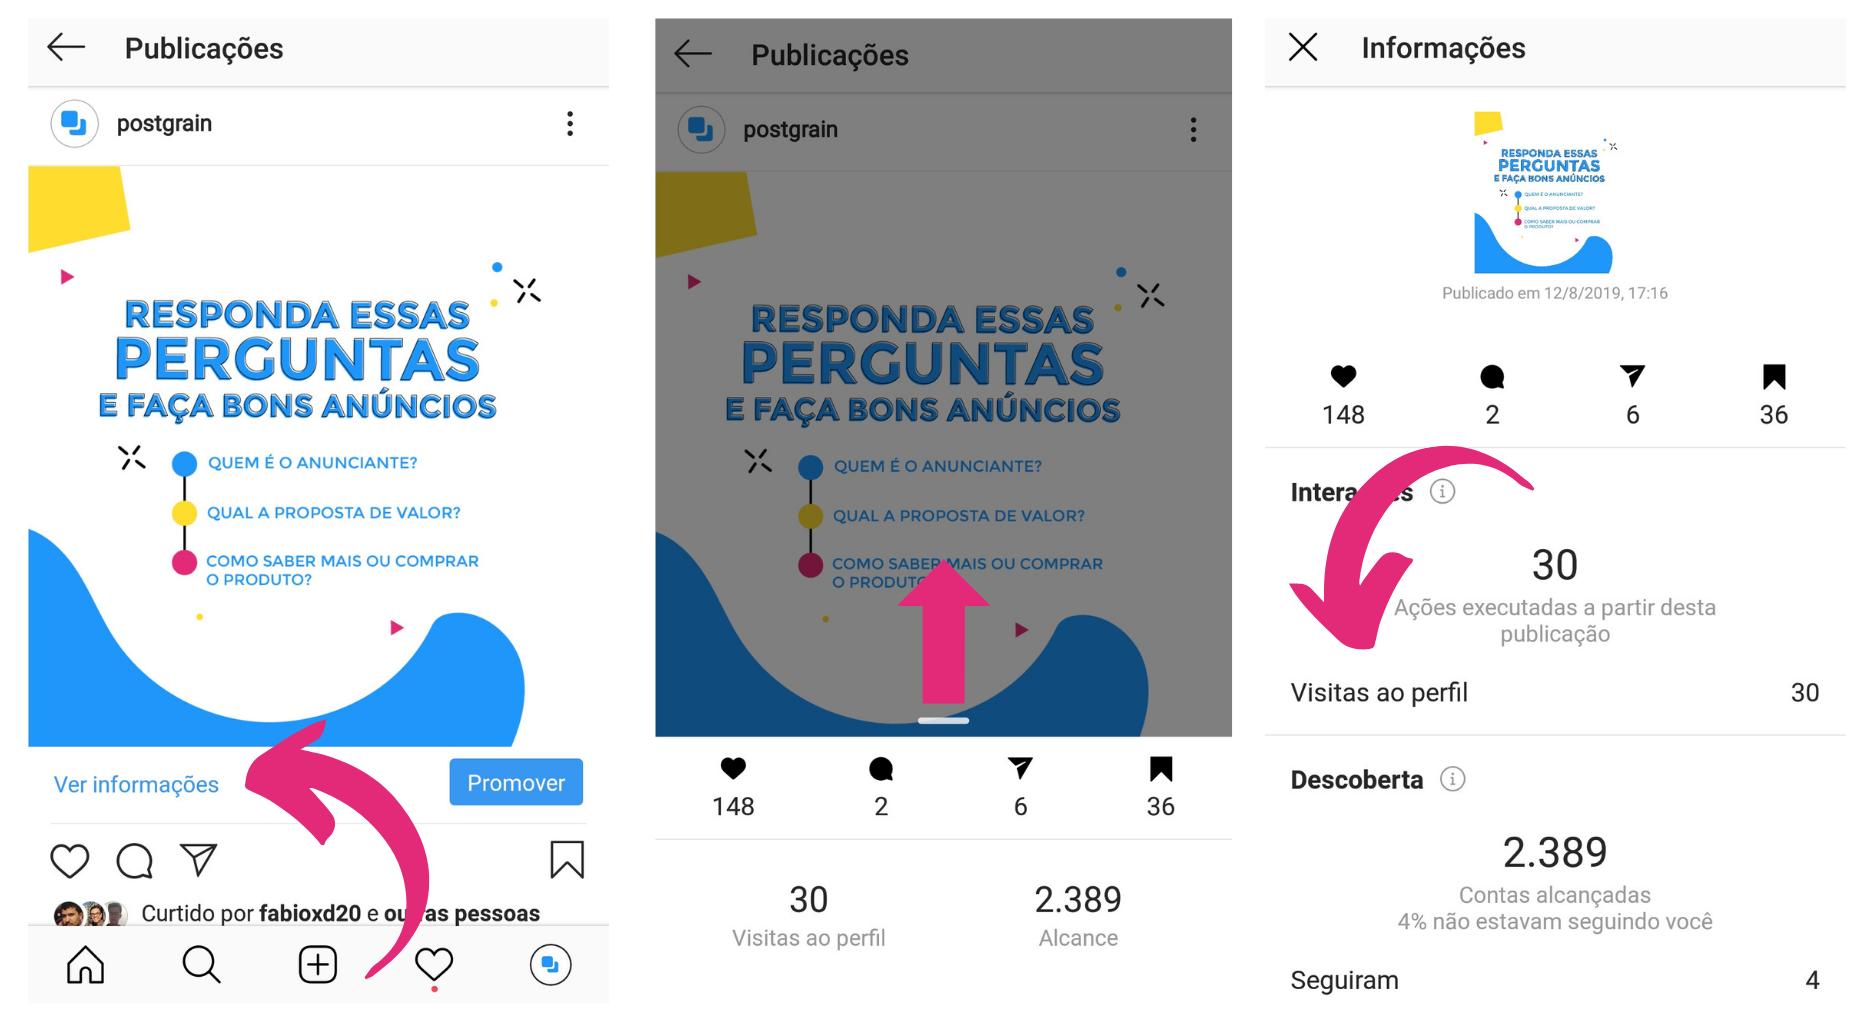 Capturas de tela mostrando como acessar visitas ao perfil de uma publicação única